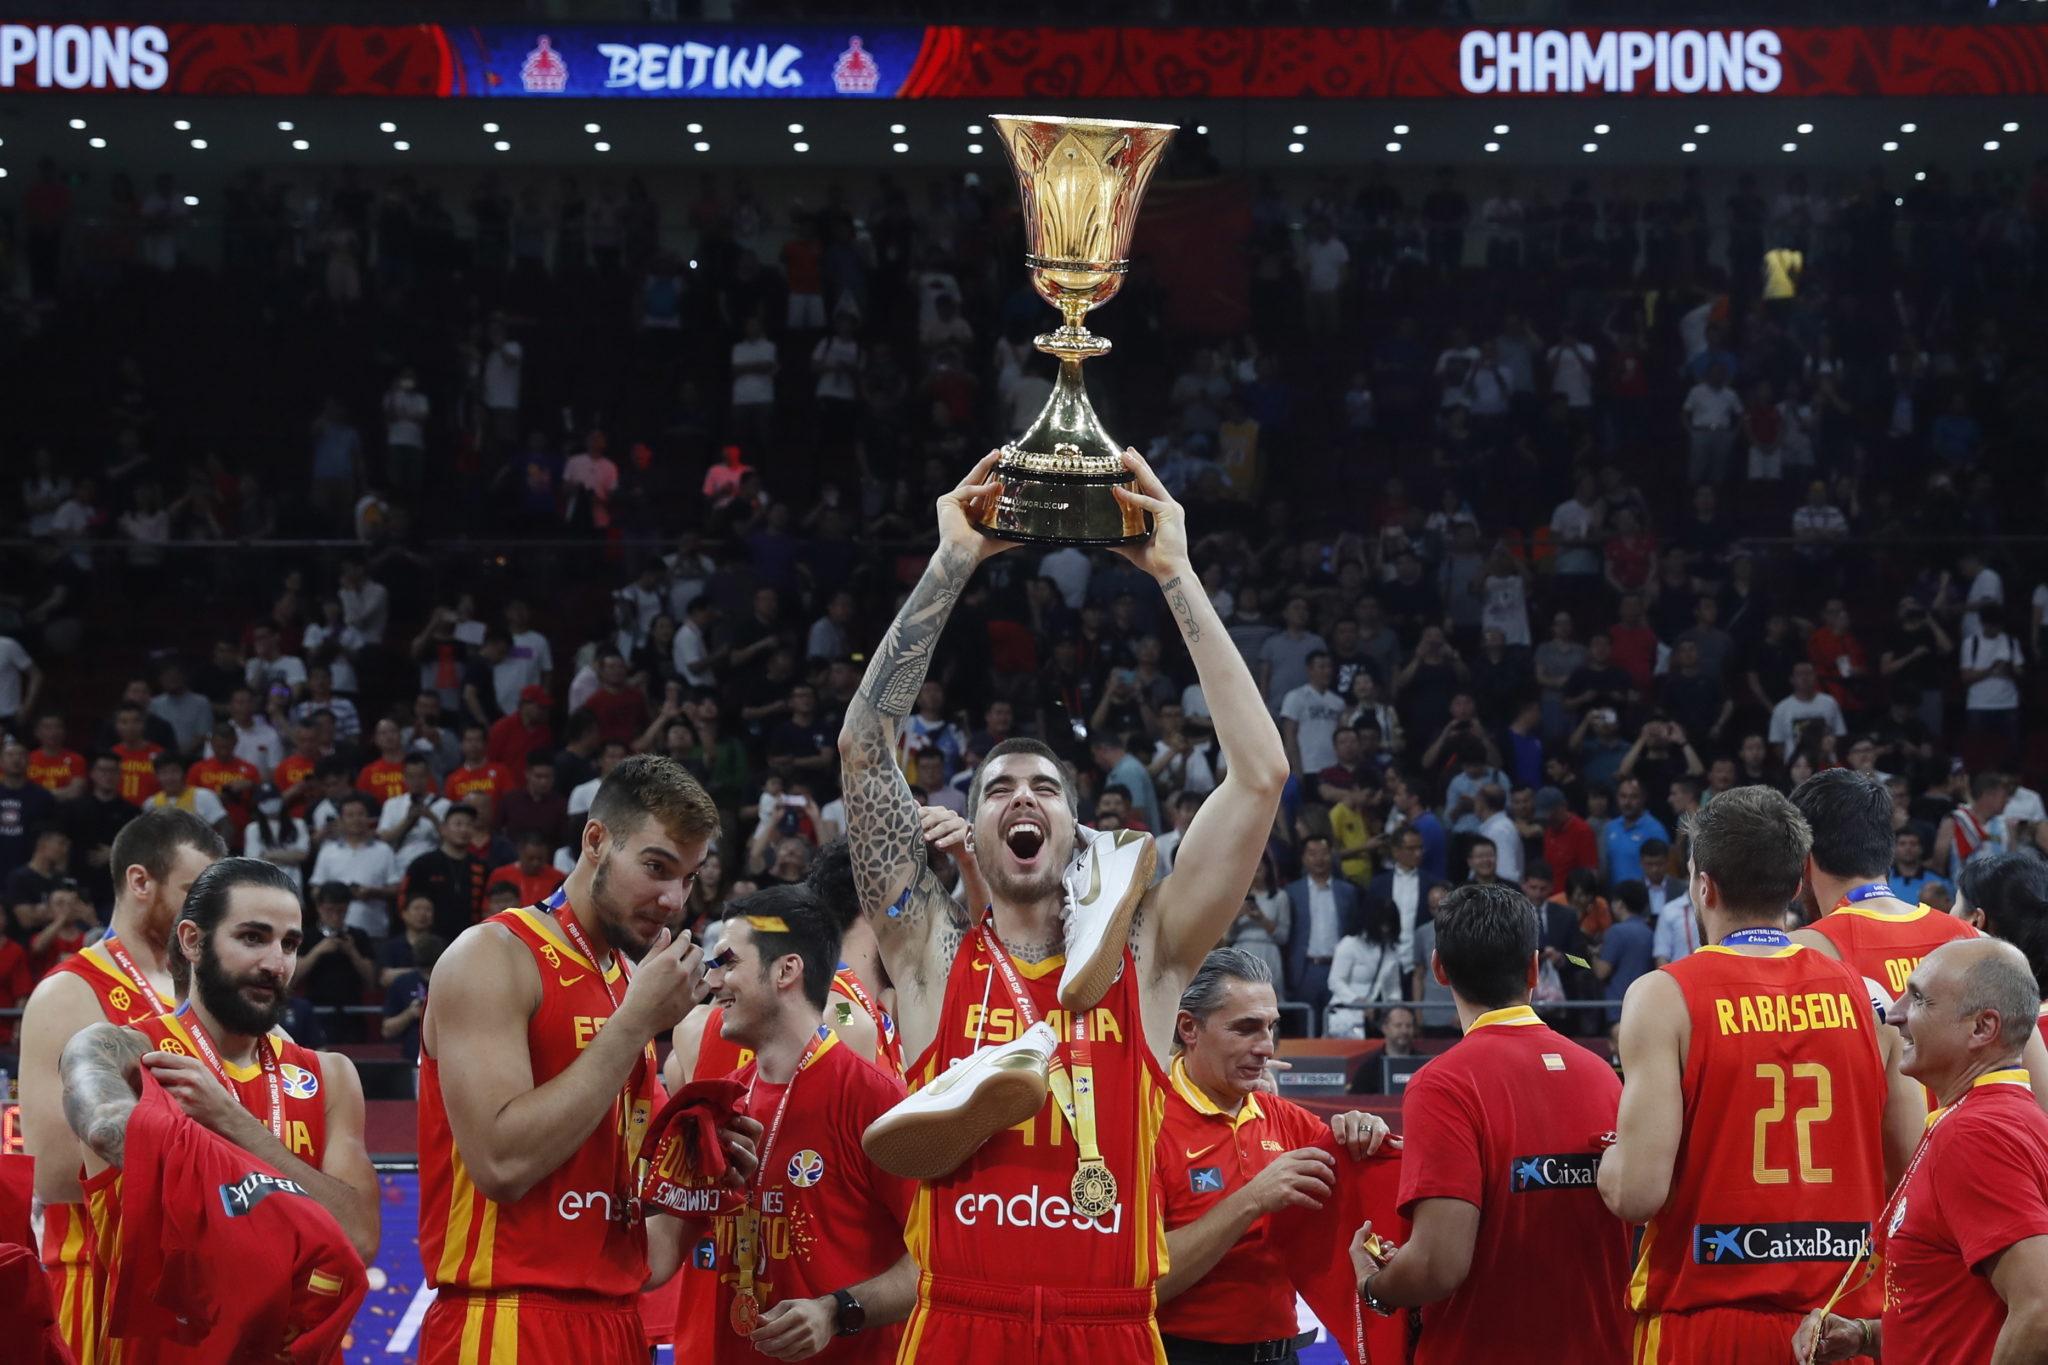 Hiszpanie okazali się lepsi od Argentyńczyków i zdobyli złoto w finale koszykarskich MŚ w Chinach. fot. EPA/ROMAN PILIPEY